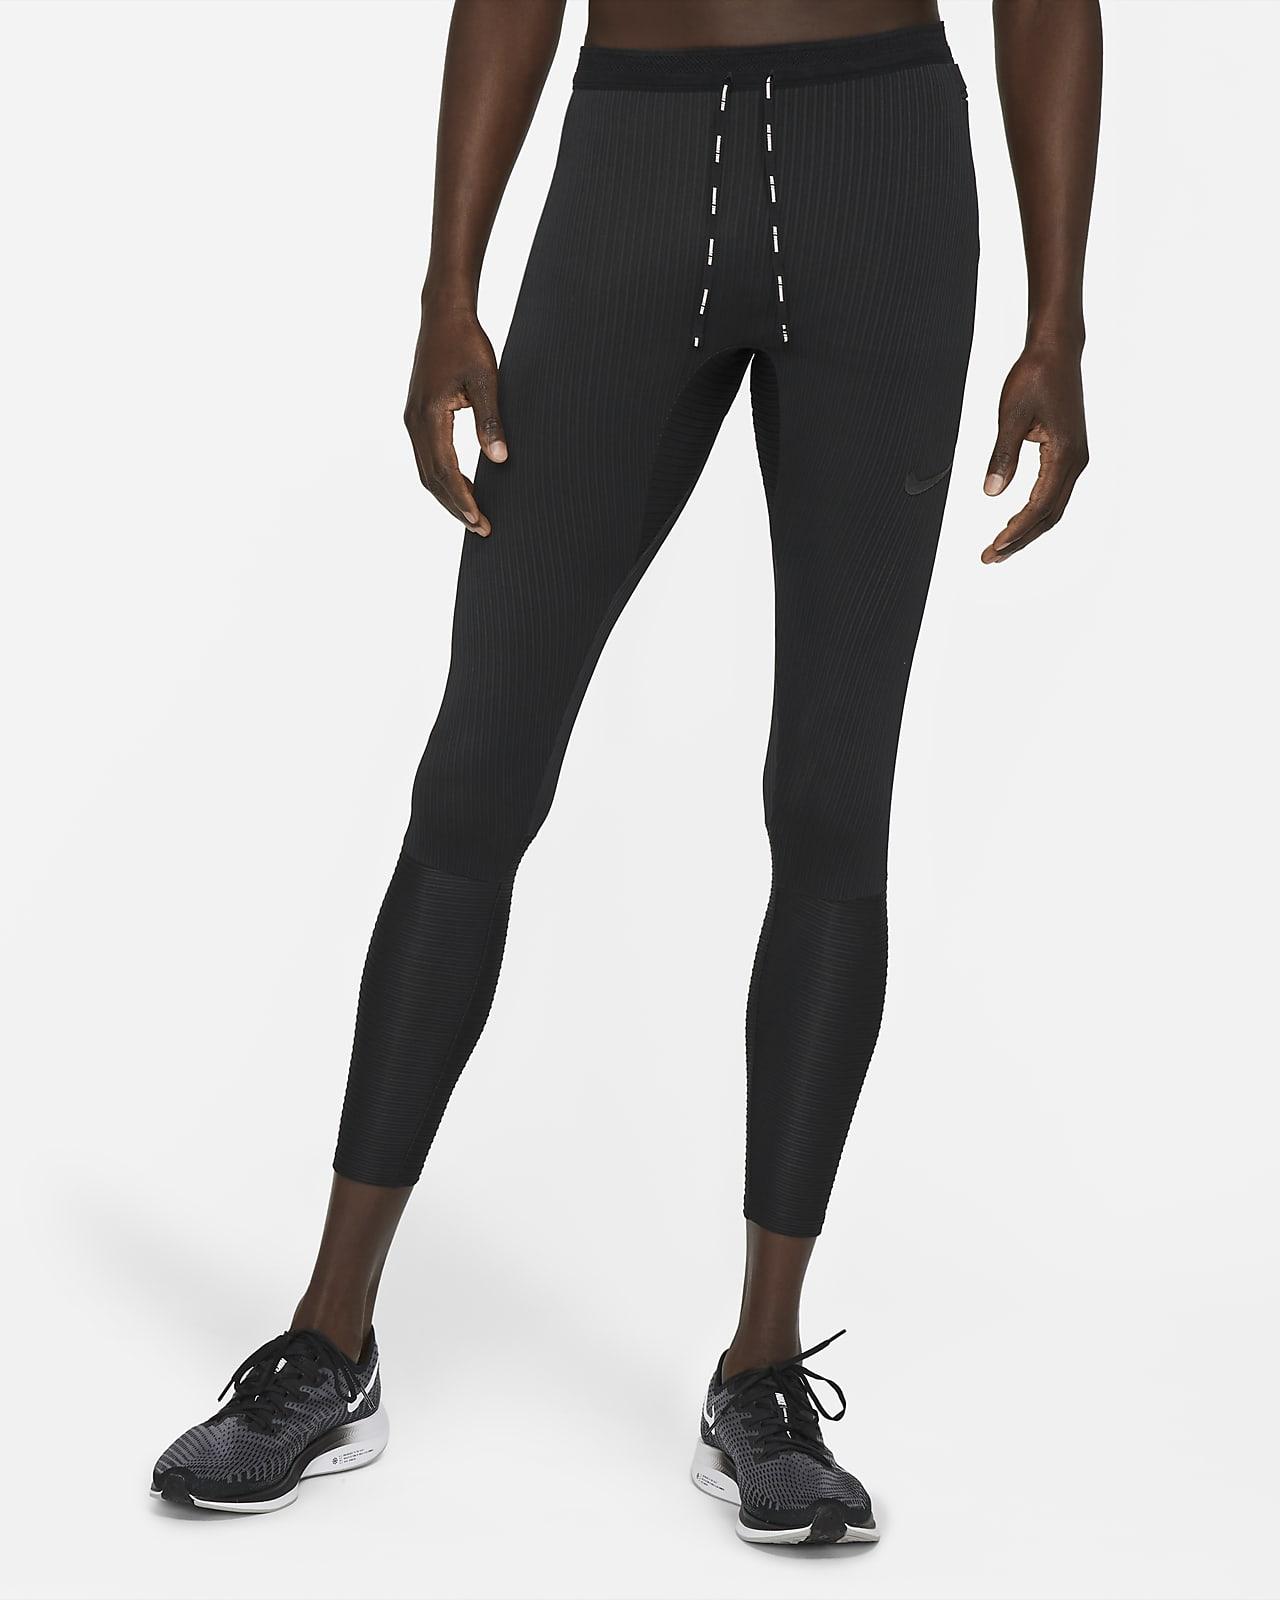 Nike Dri-FIT Swift Men's Running Tights